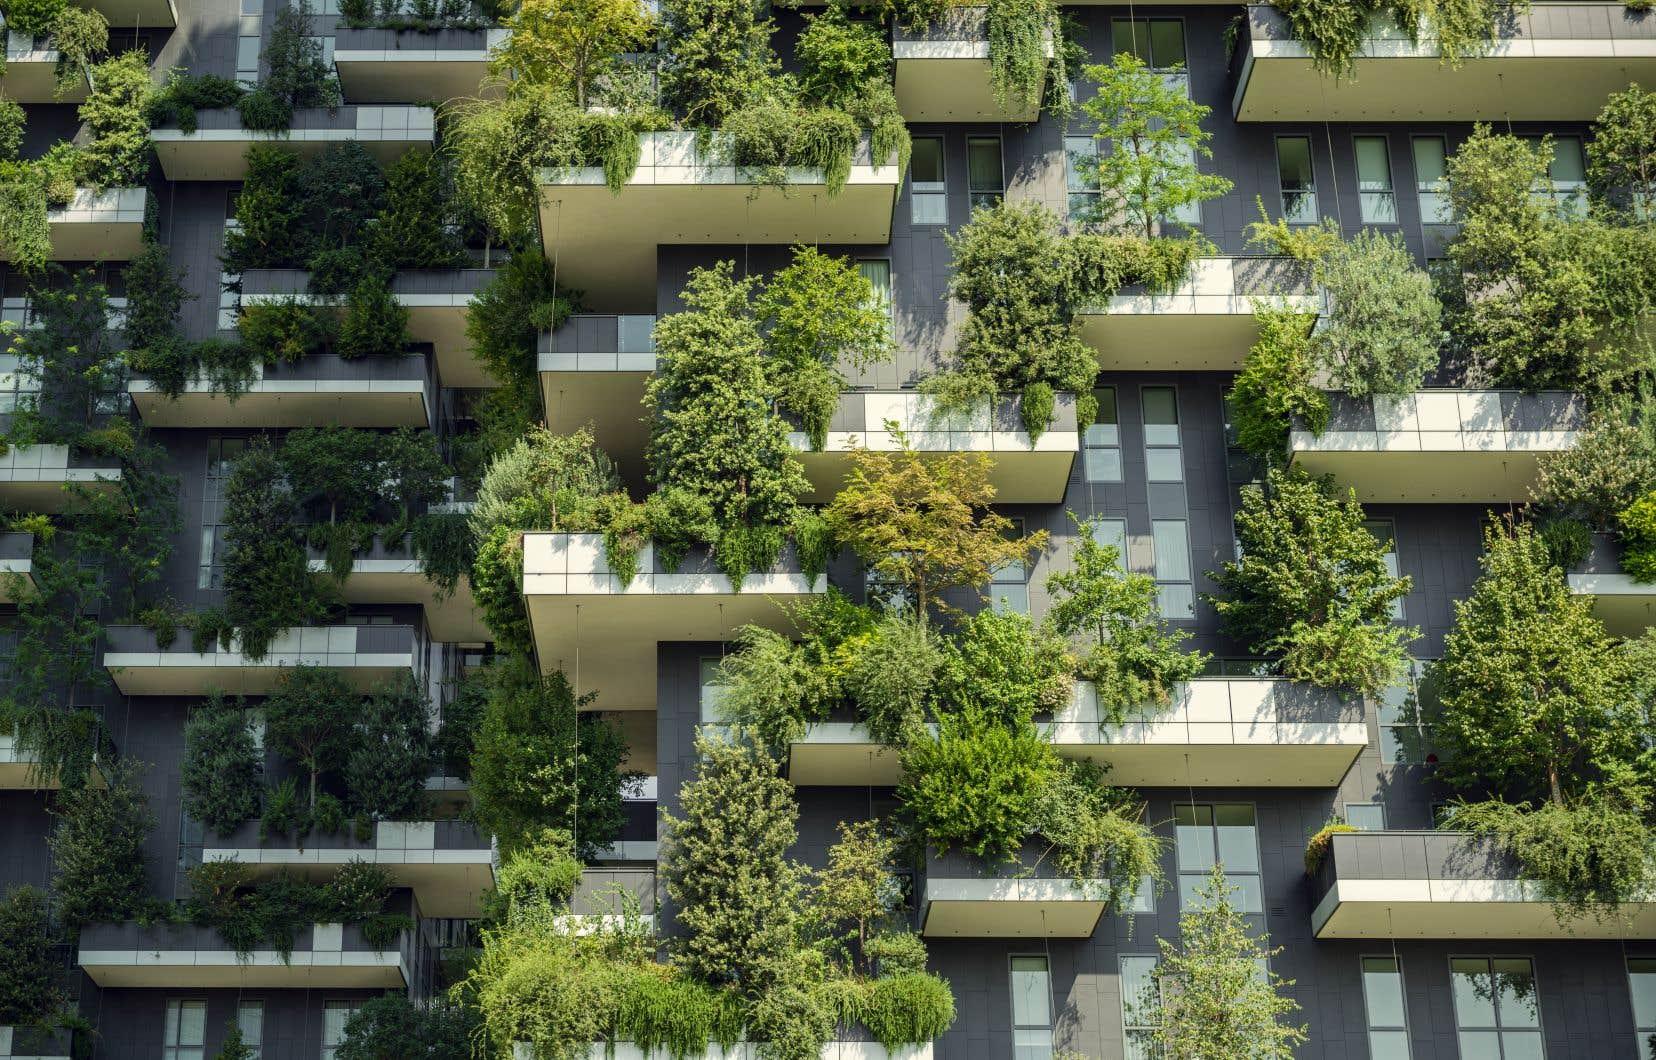 La pandémie encourage l'étalement urbain, alors qu'il faudrait encourager la densité urbaine et améliorer le cadre de vie citadin en multipliant par exemple les balcons et la verdure.